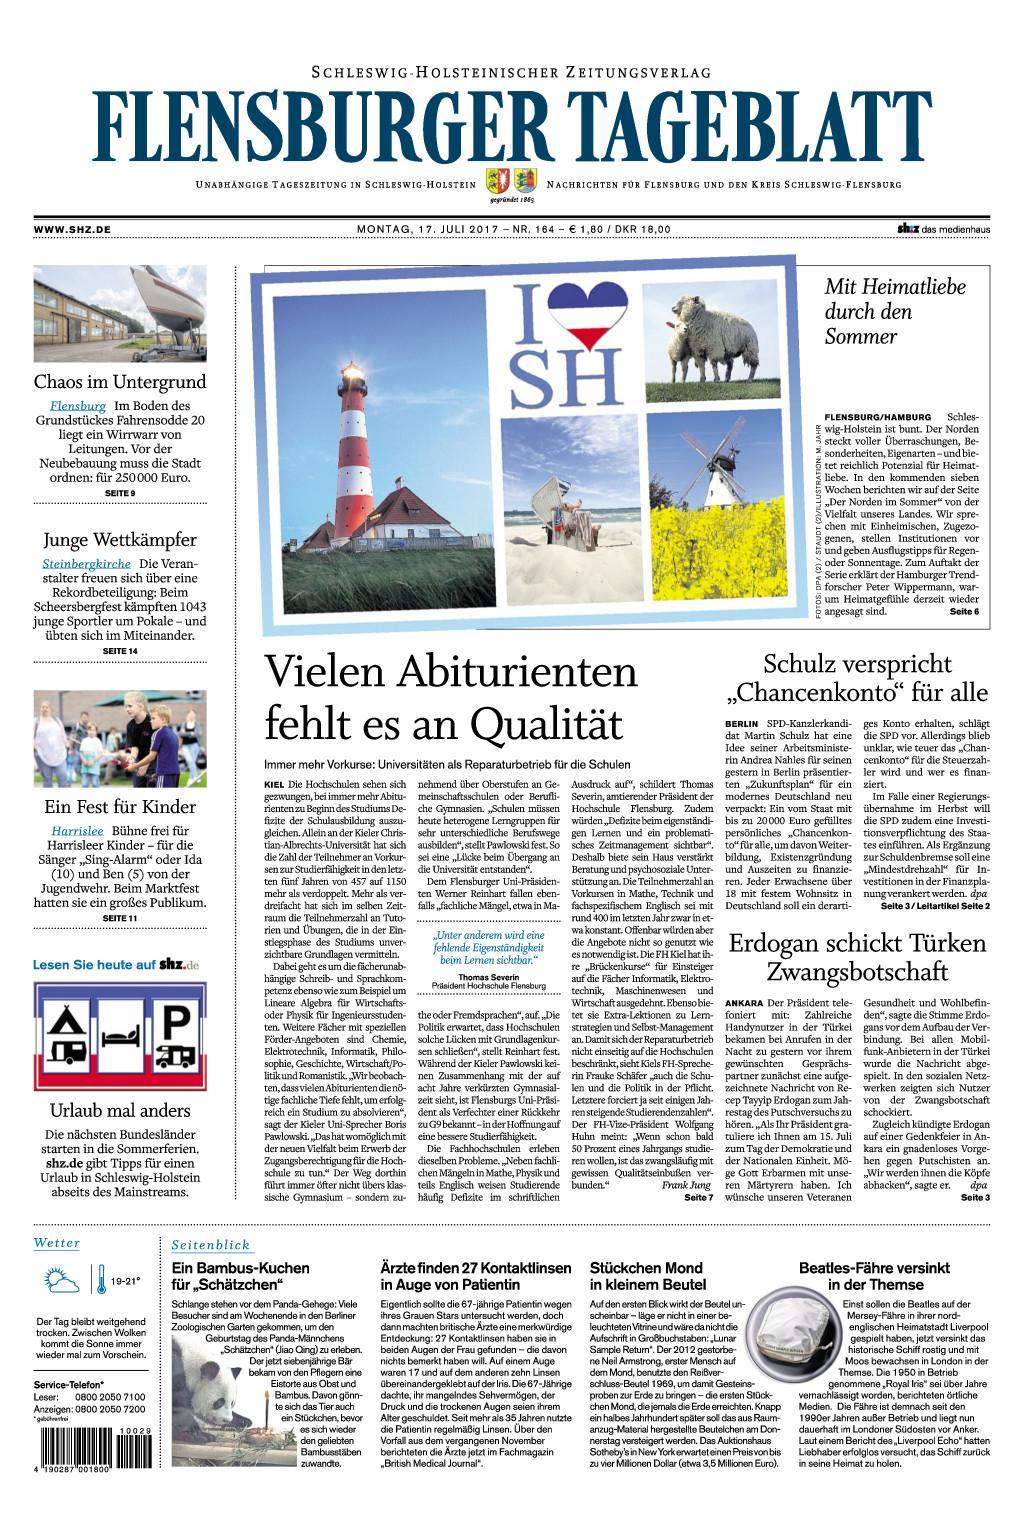 : Flensburger Tageblatt 17 Juli 2017